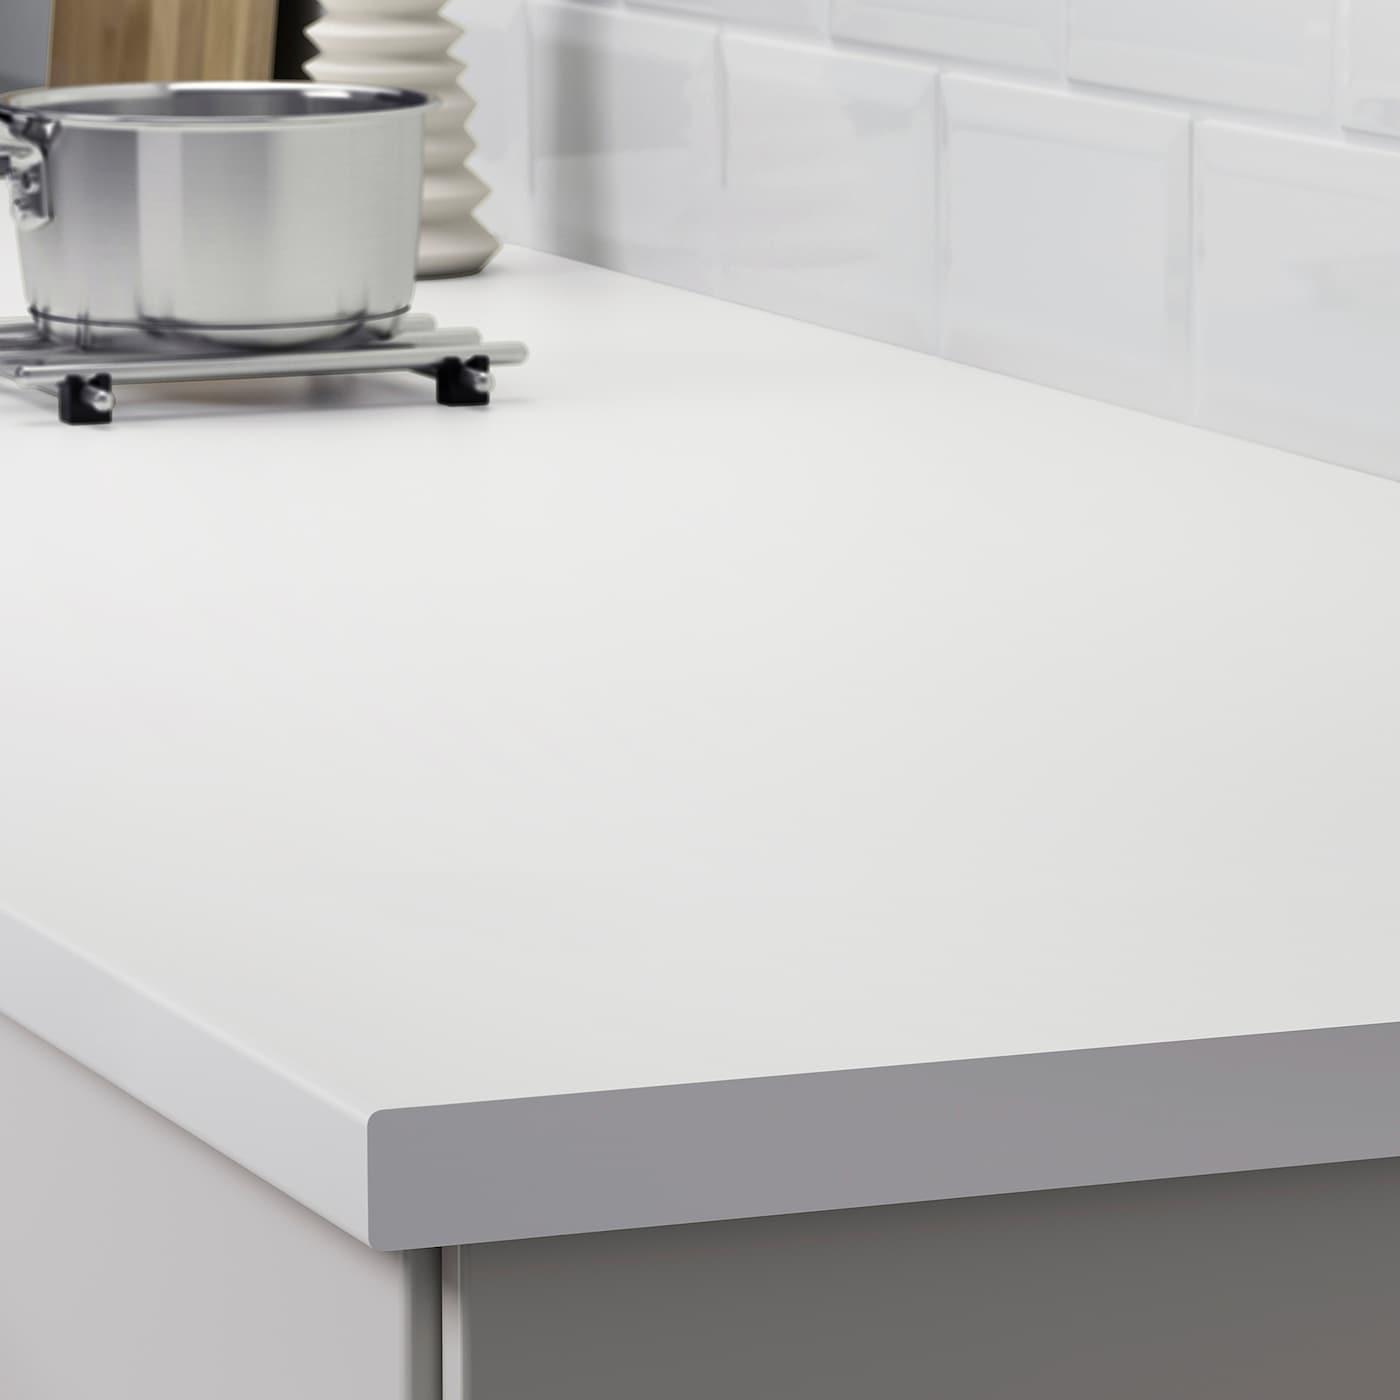 Lilltrask Countertop White Laminate 74x1 1 8 Ikea